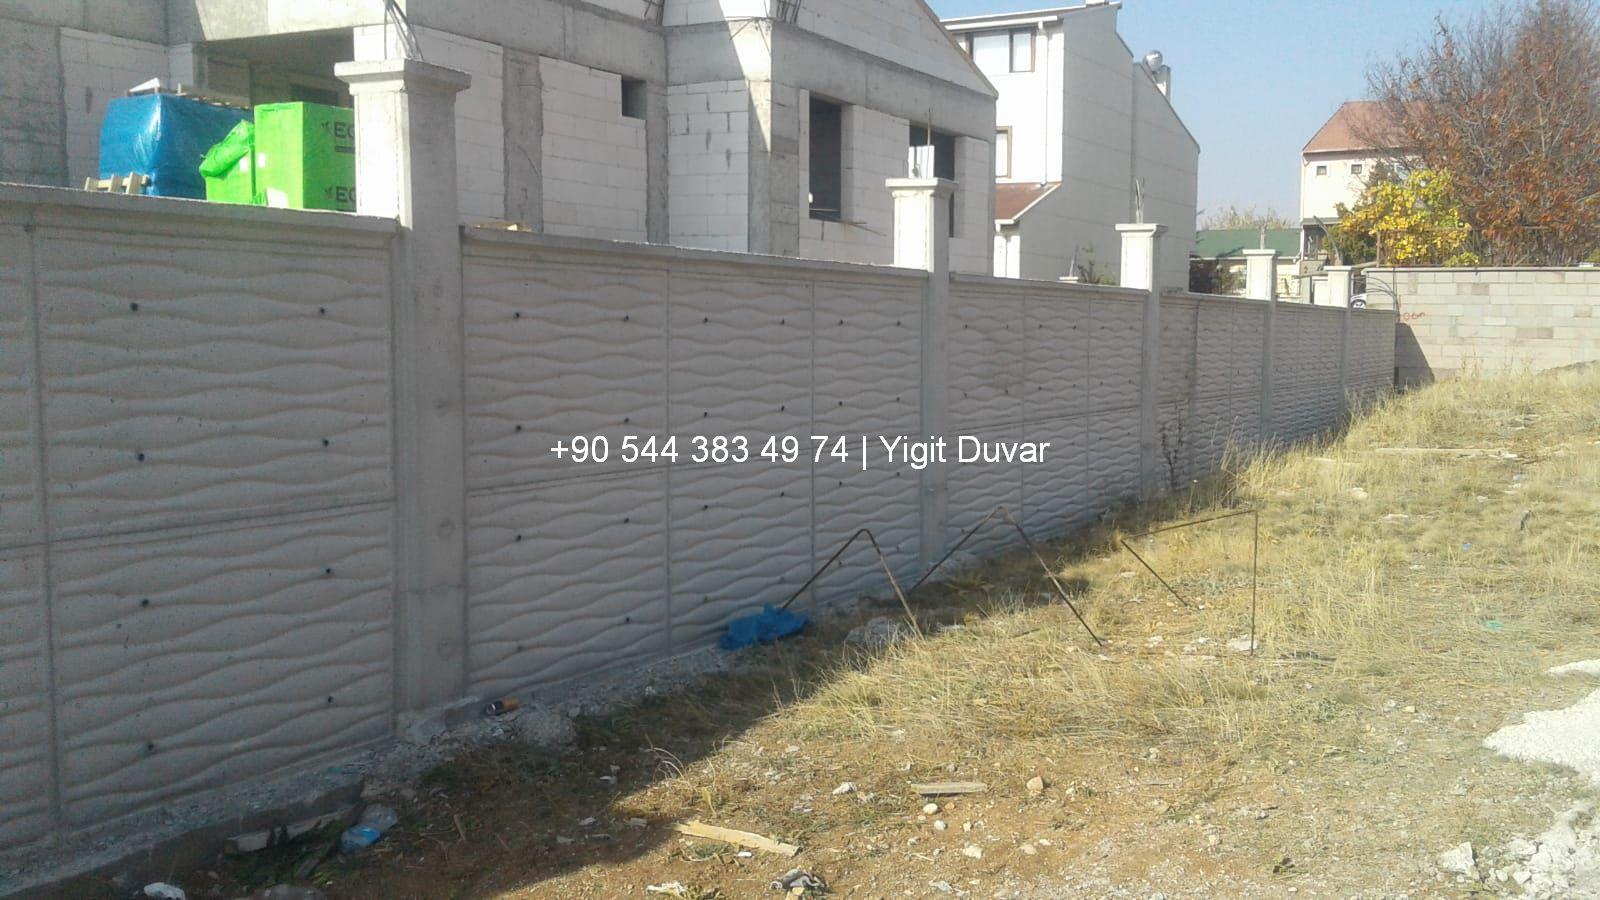 duvar-ustasi-yigit-duvar097